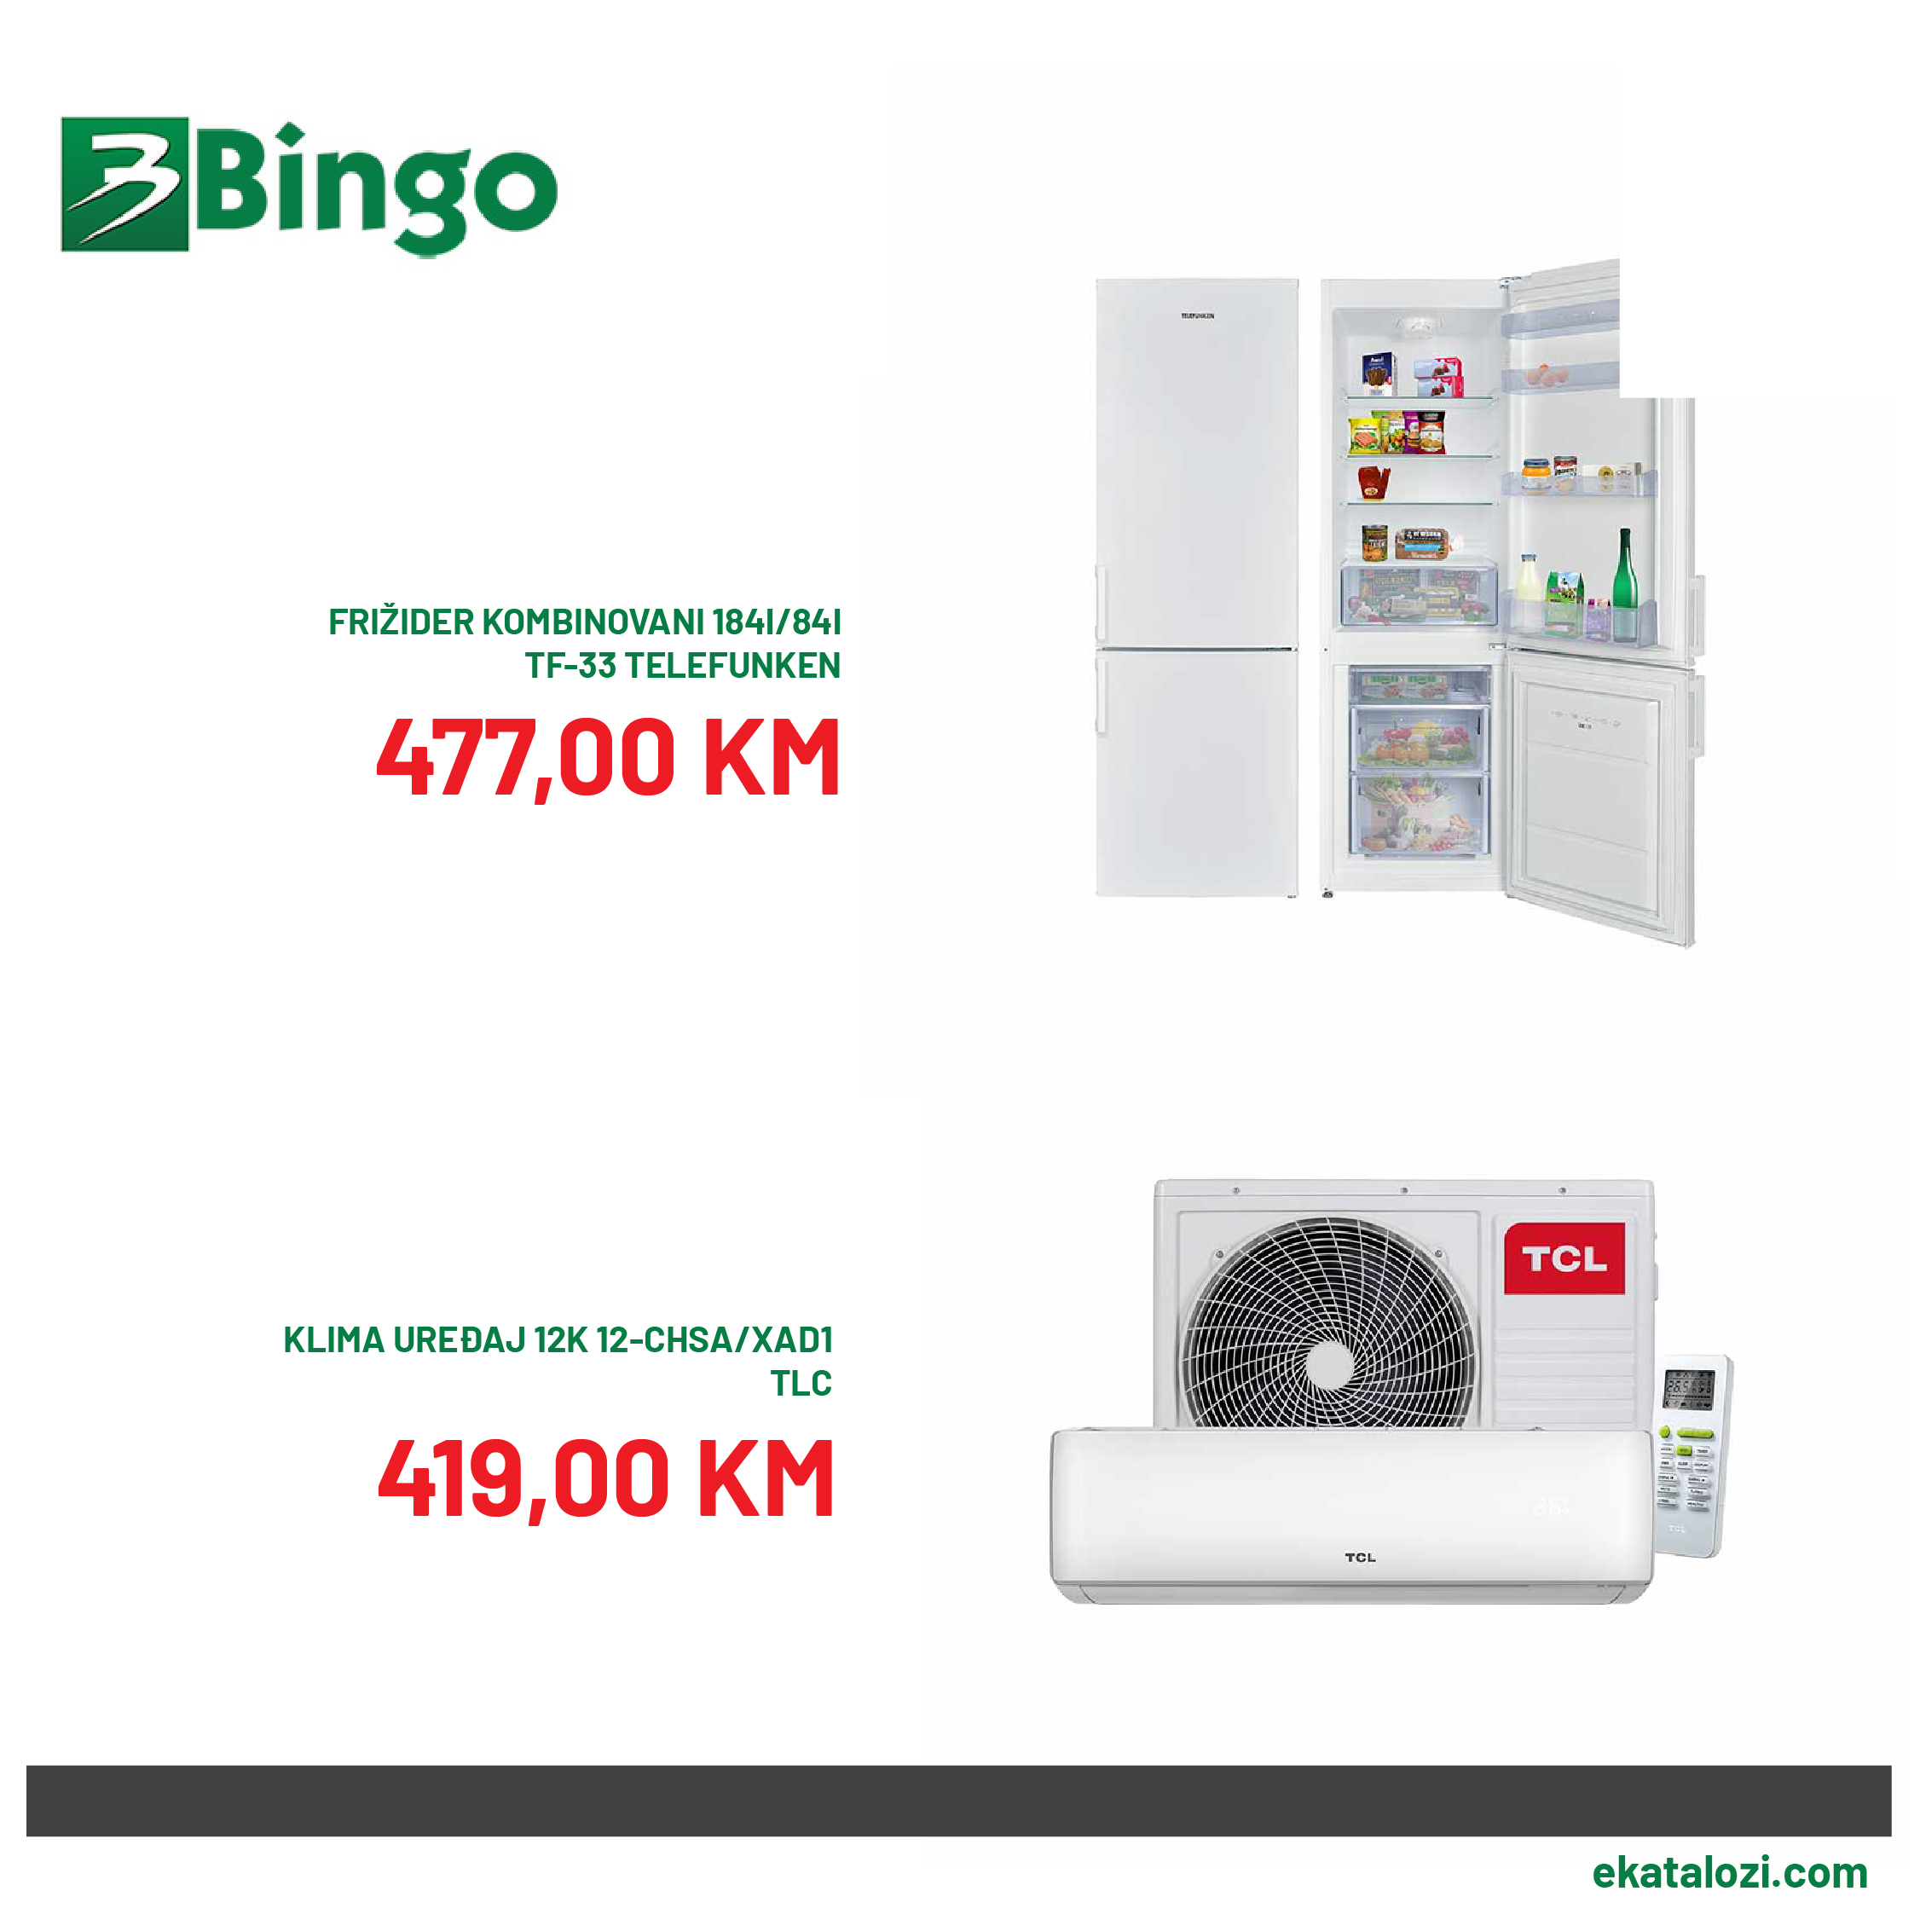 BINGO Akcija niske cijene 10.8.2021. 15.8.2021 2